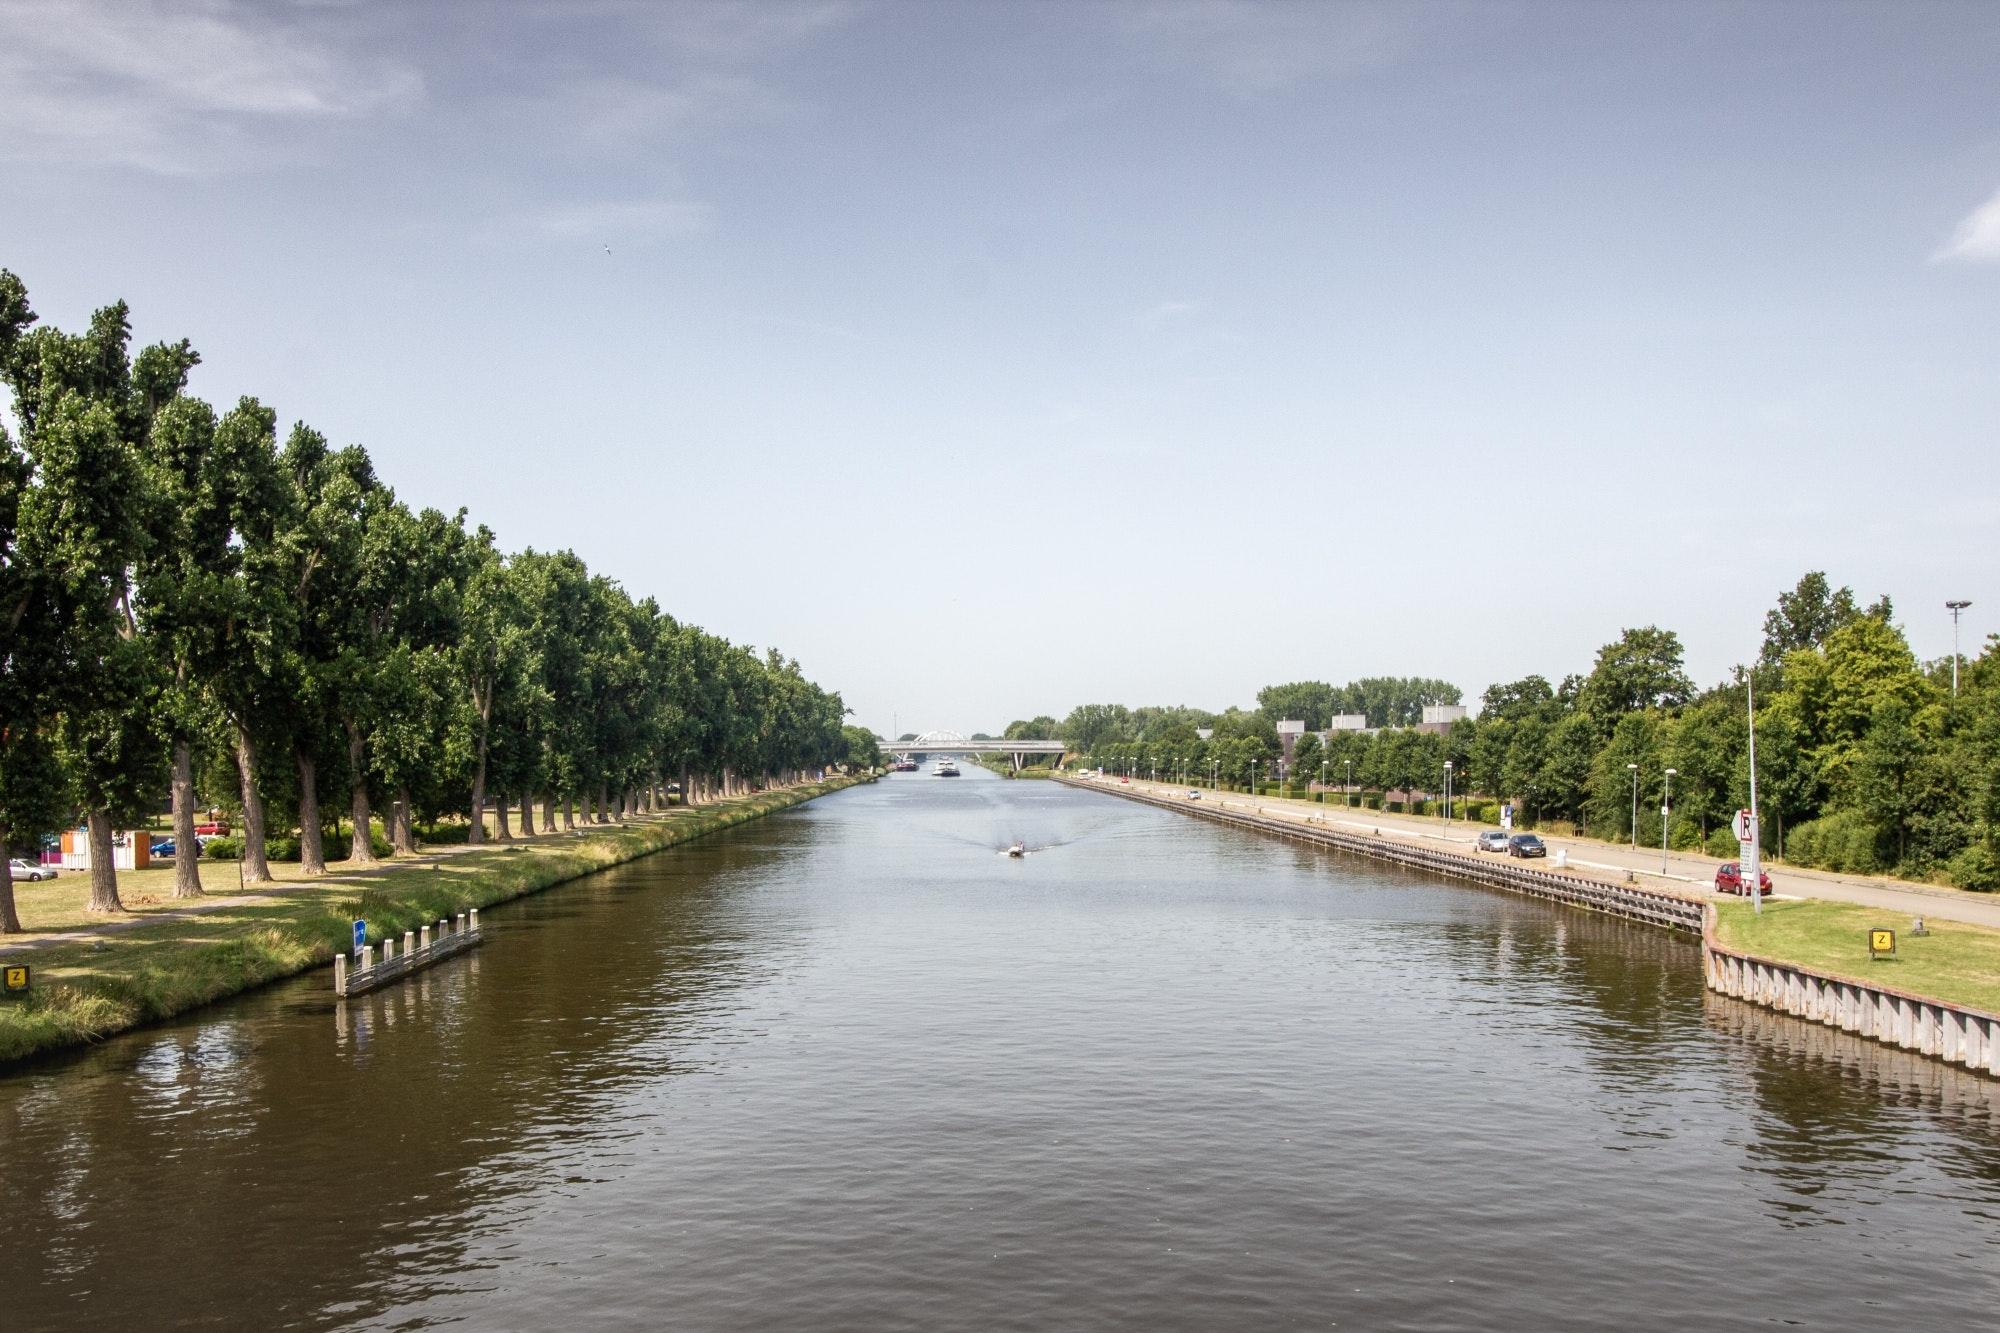 De hoofdvaarweg Lemmer - Delfzijl is dan wel 1 vaarweg, maar bestaat uit 3 kanalen. (Foto Rijkswaterstaat)